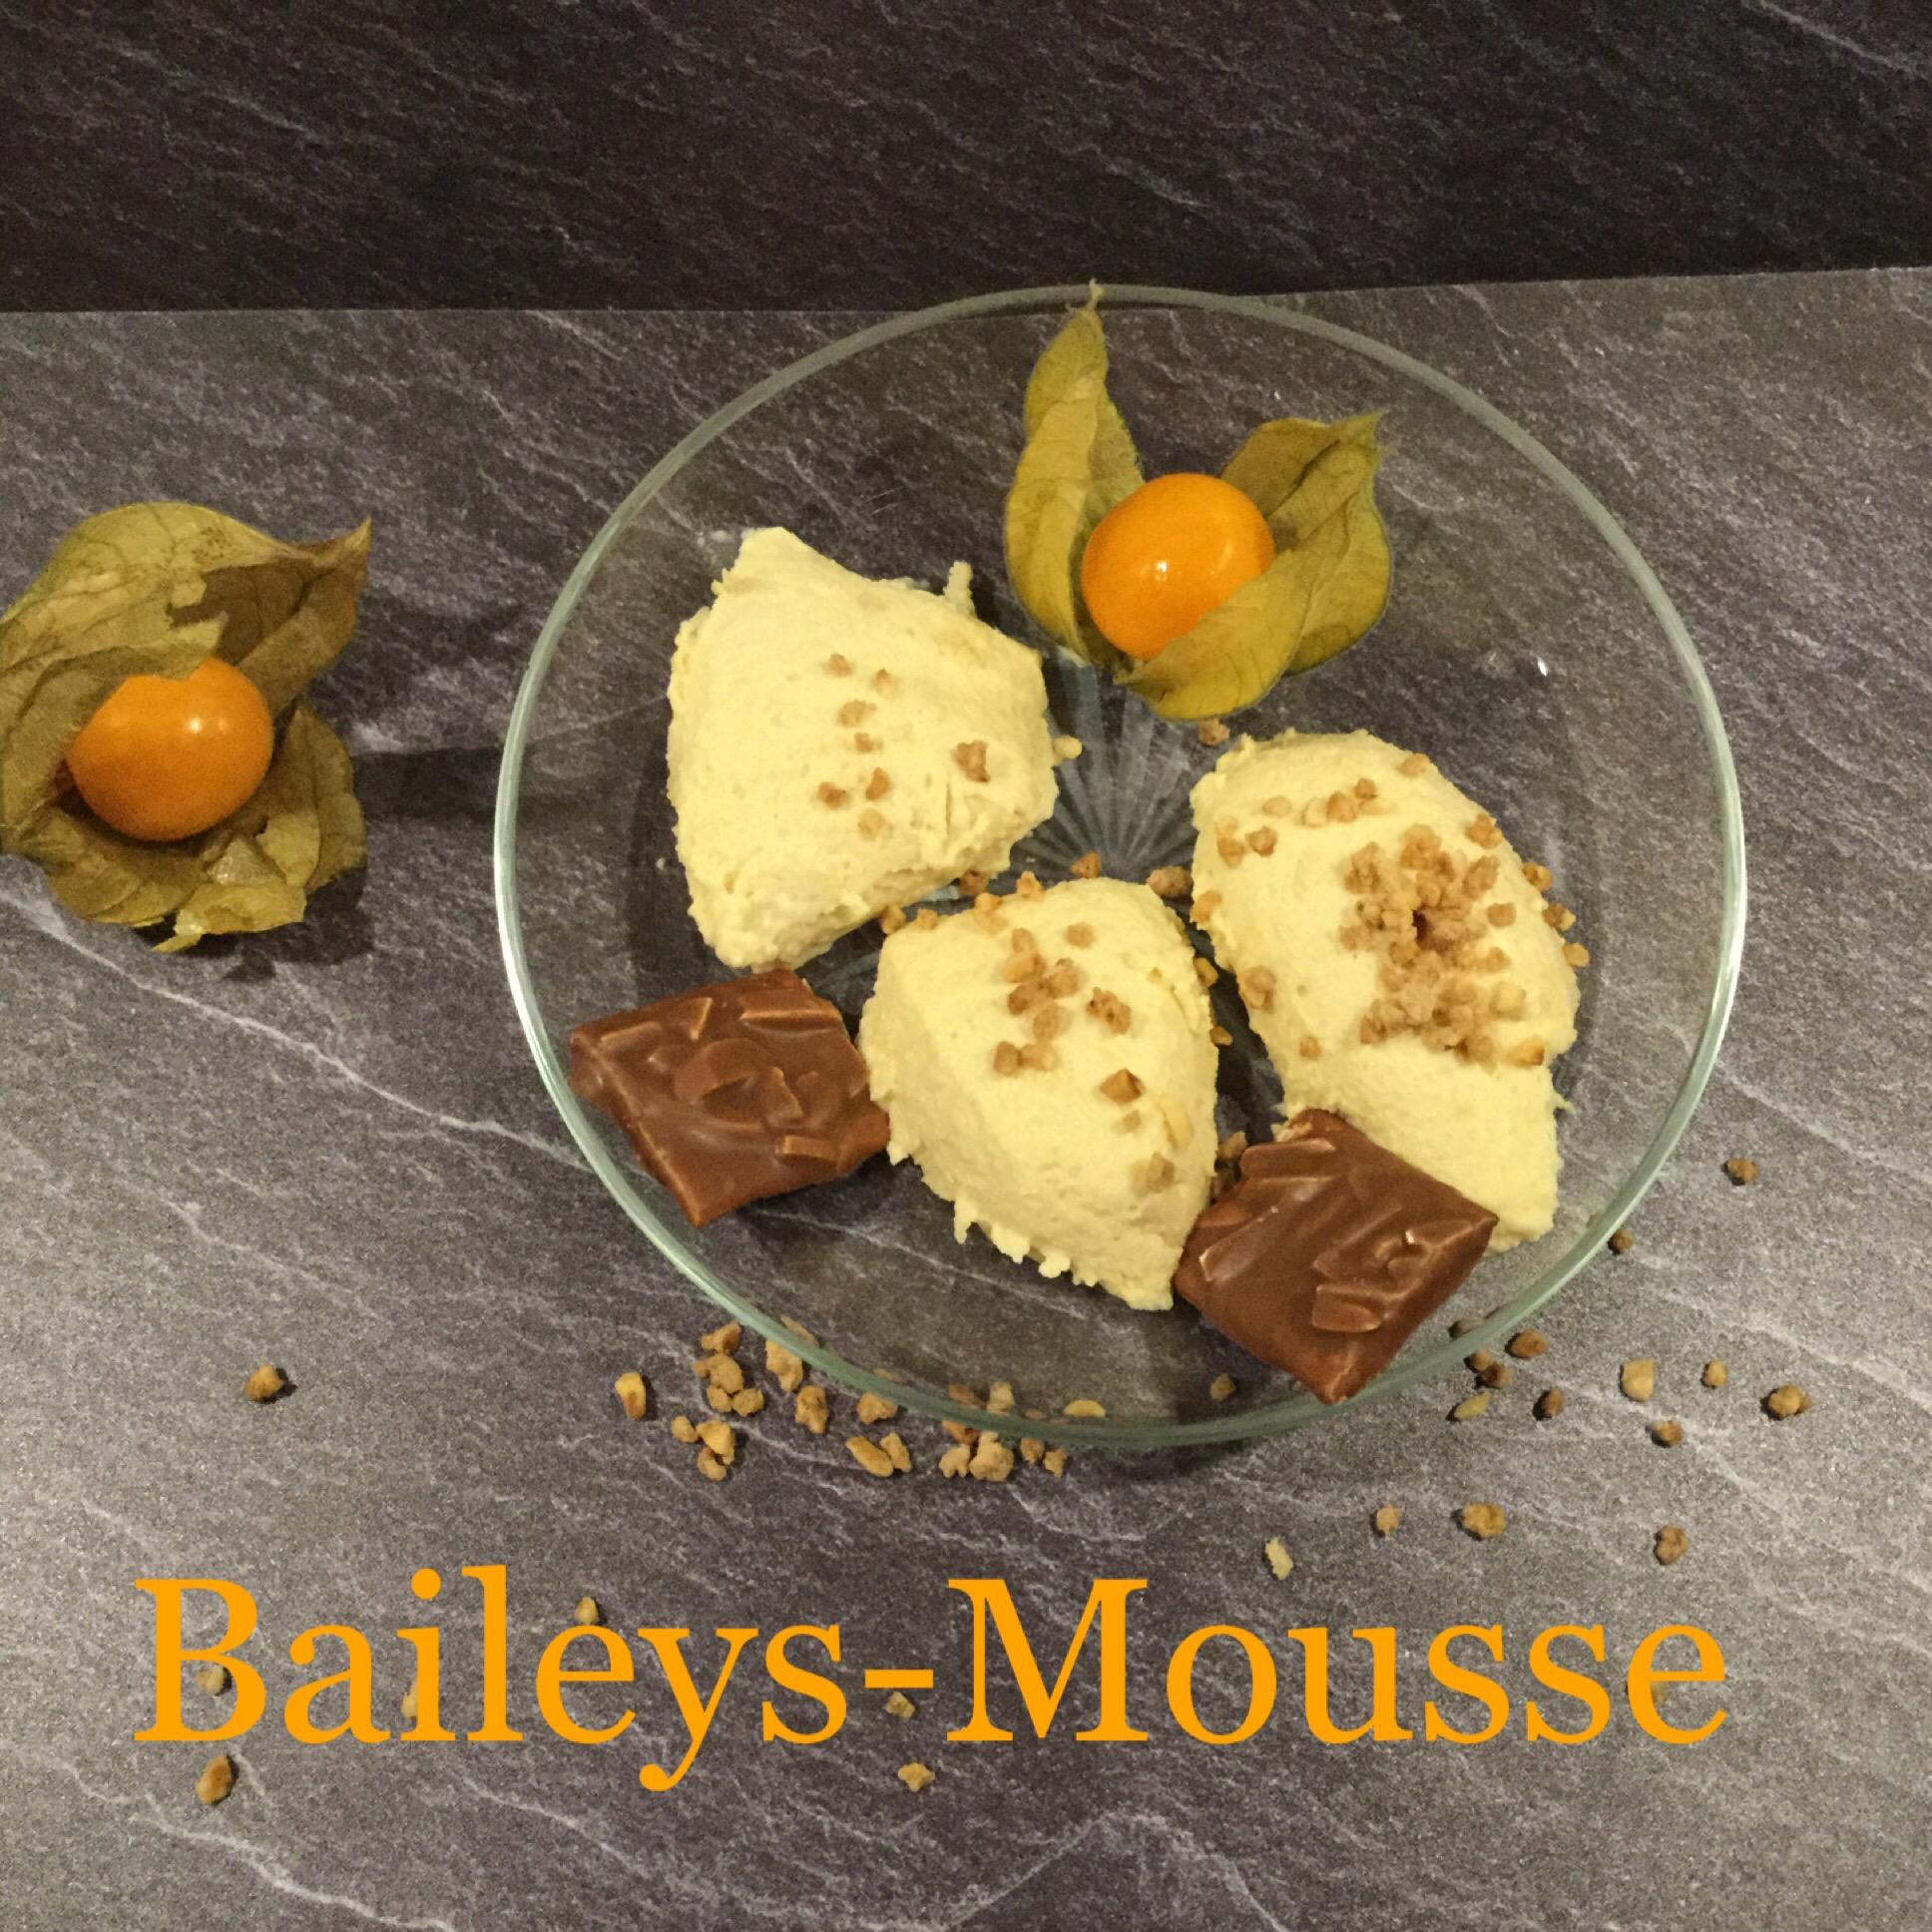 Zum #Sonntagsglück gibt's Baileys-Mousse – oder – Keine Angst vor Gelantine